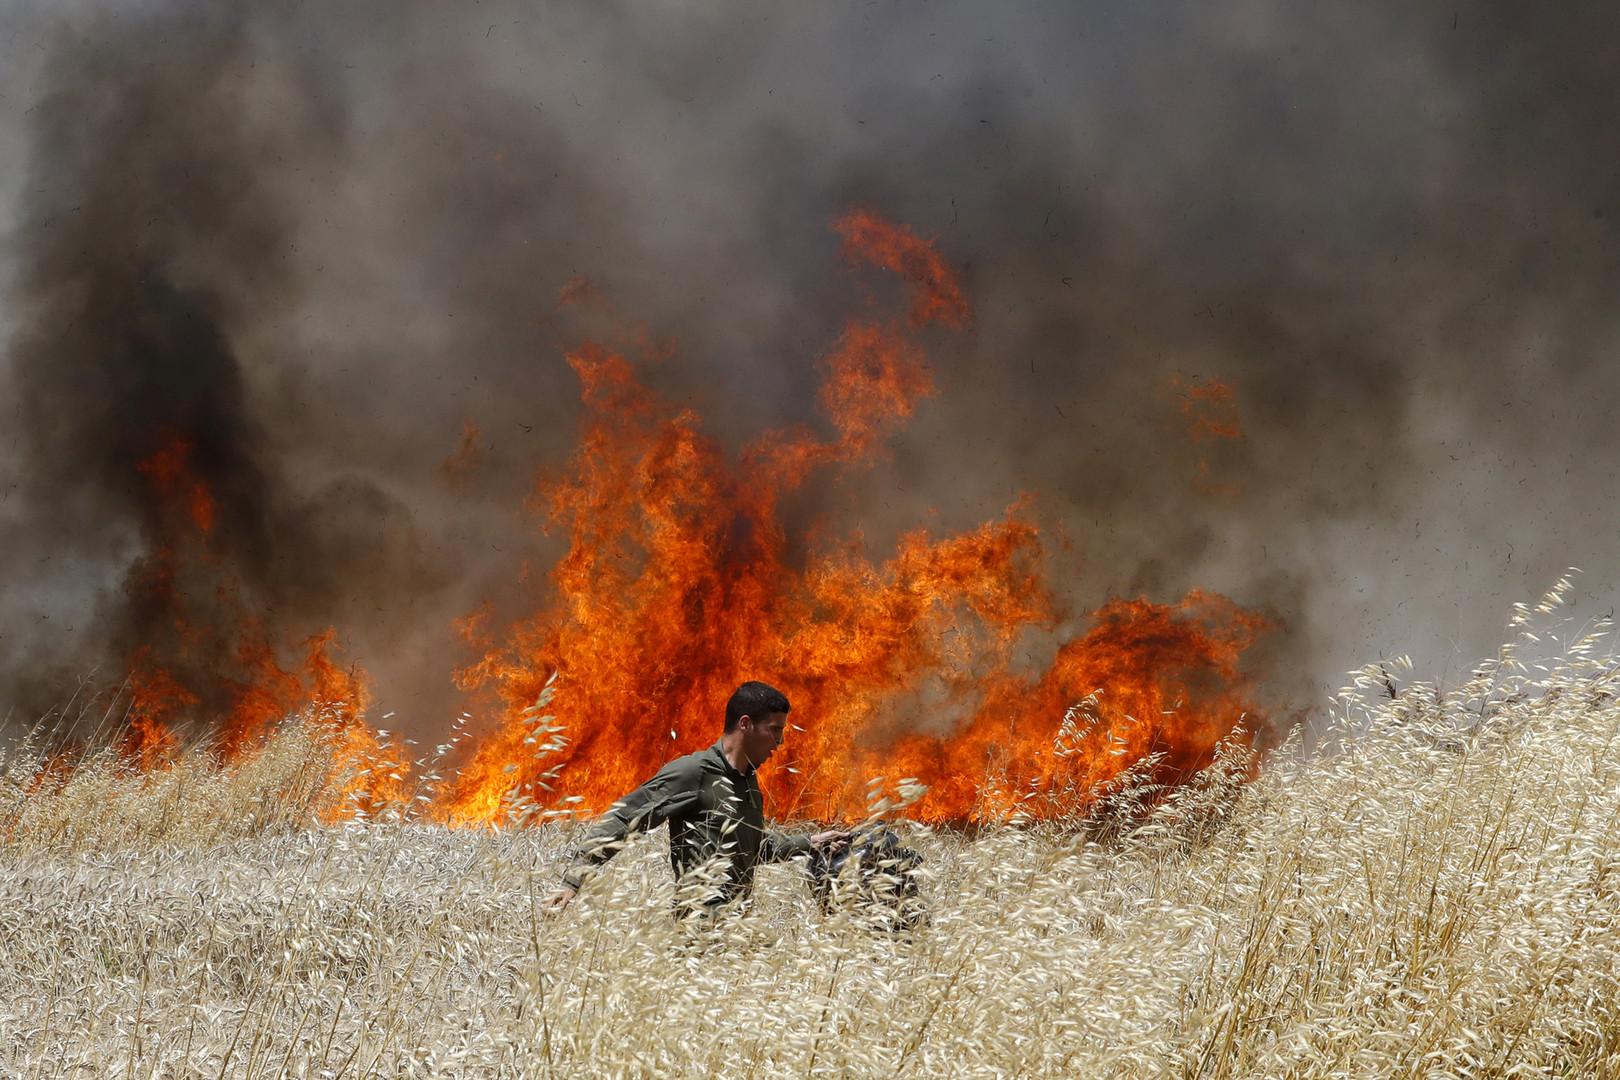 Gaza : quand le Hamas attaque Israël à coup de préservatifs en feu (IMAGES)